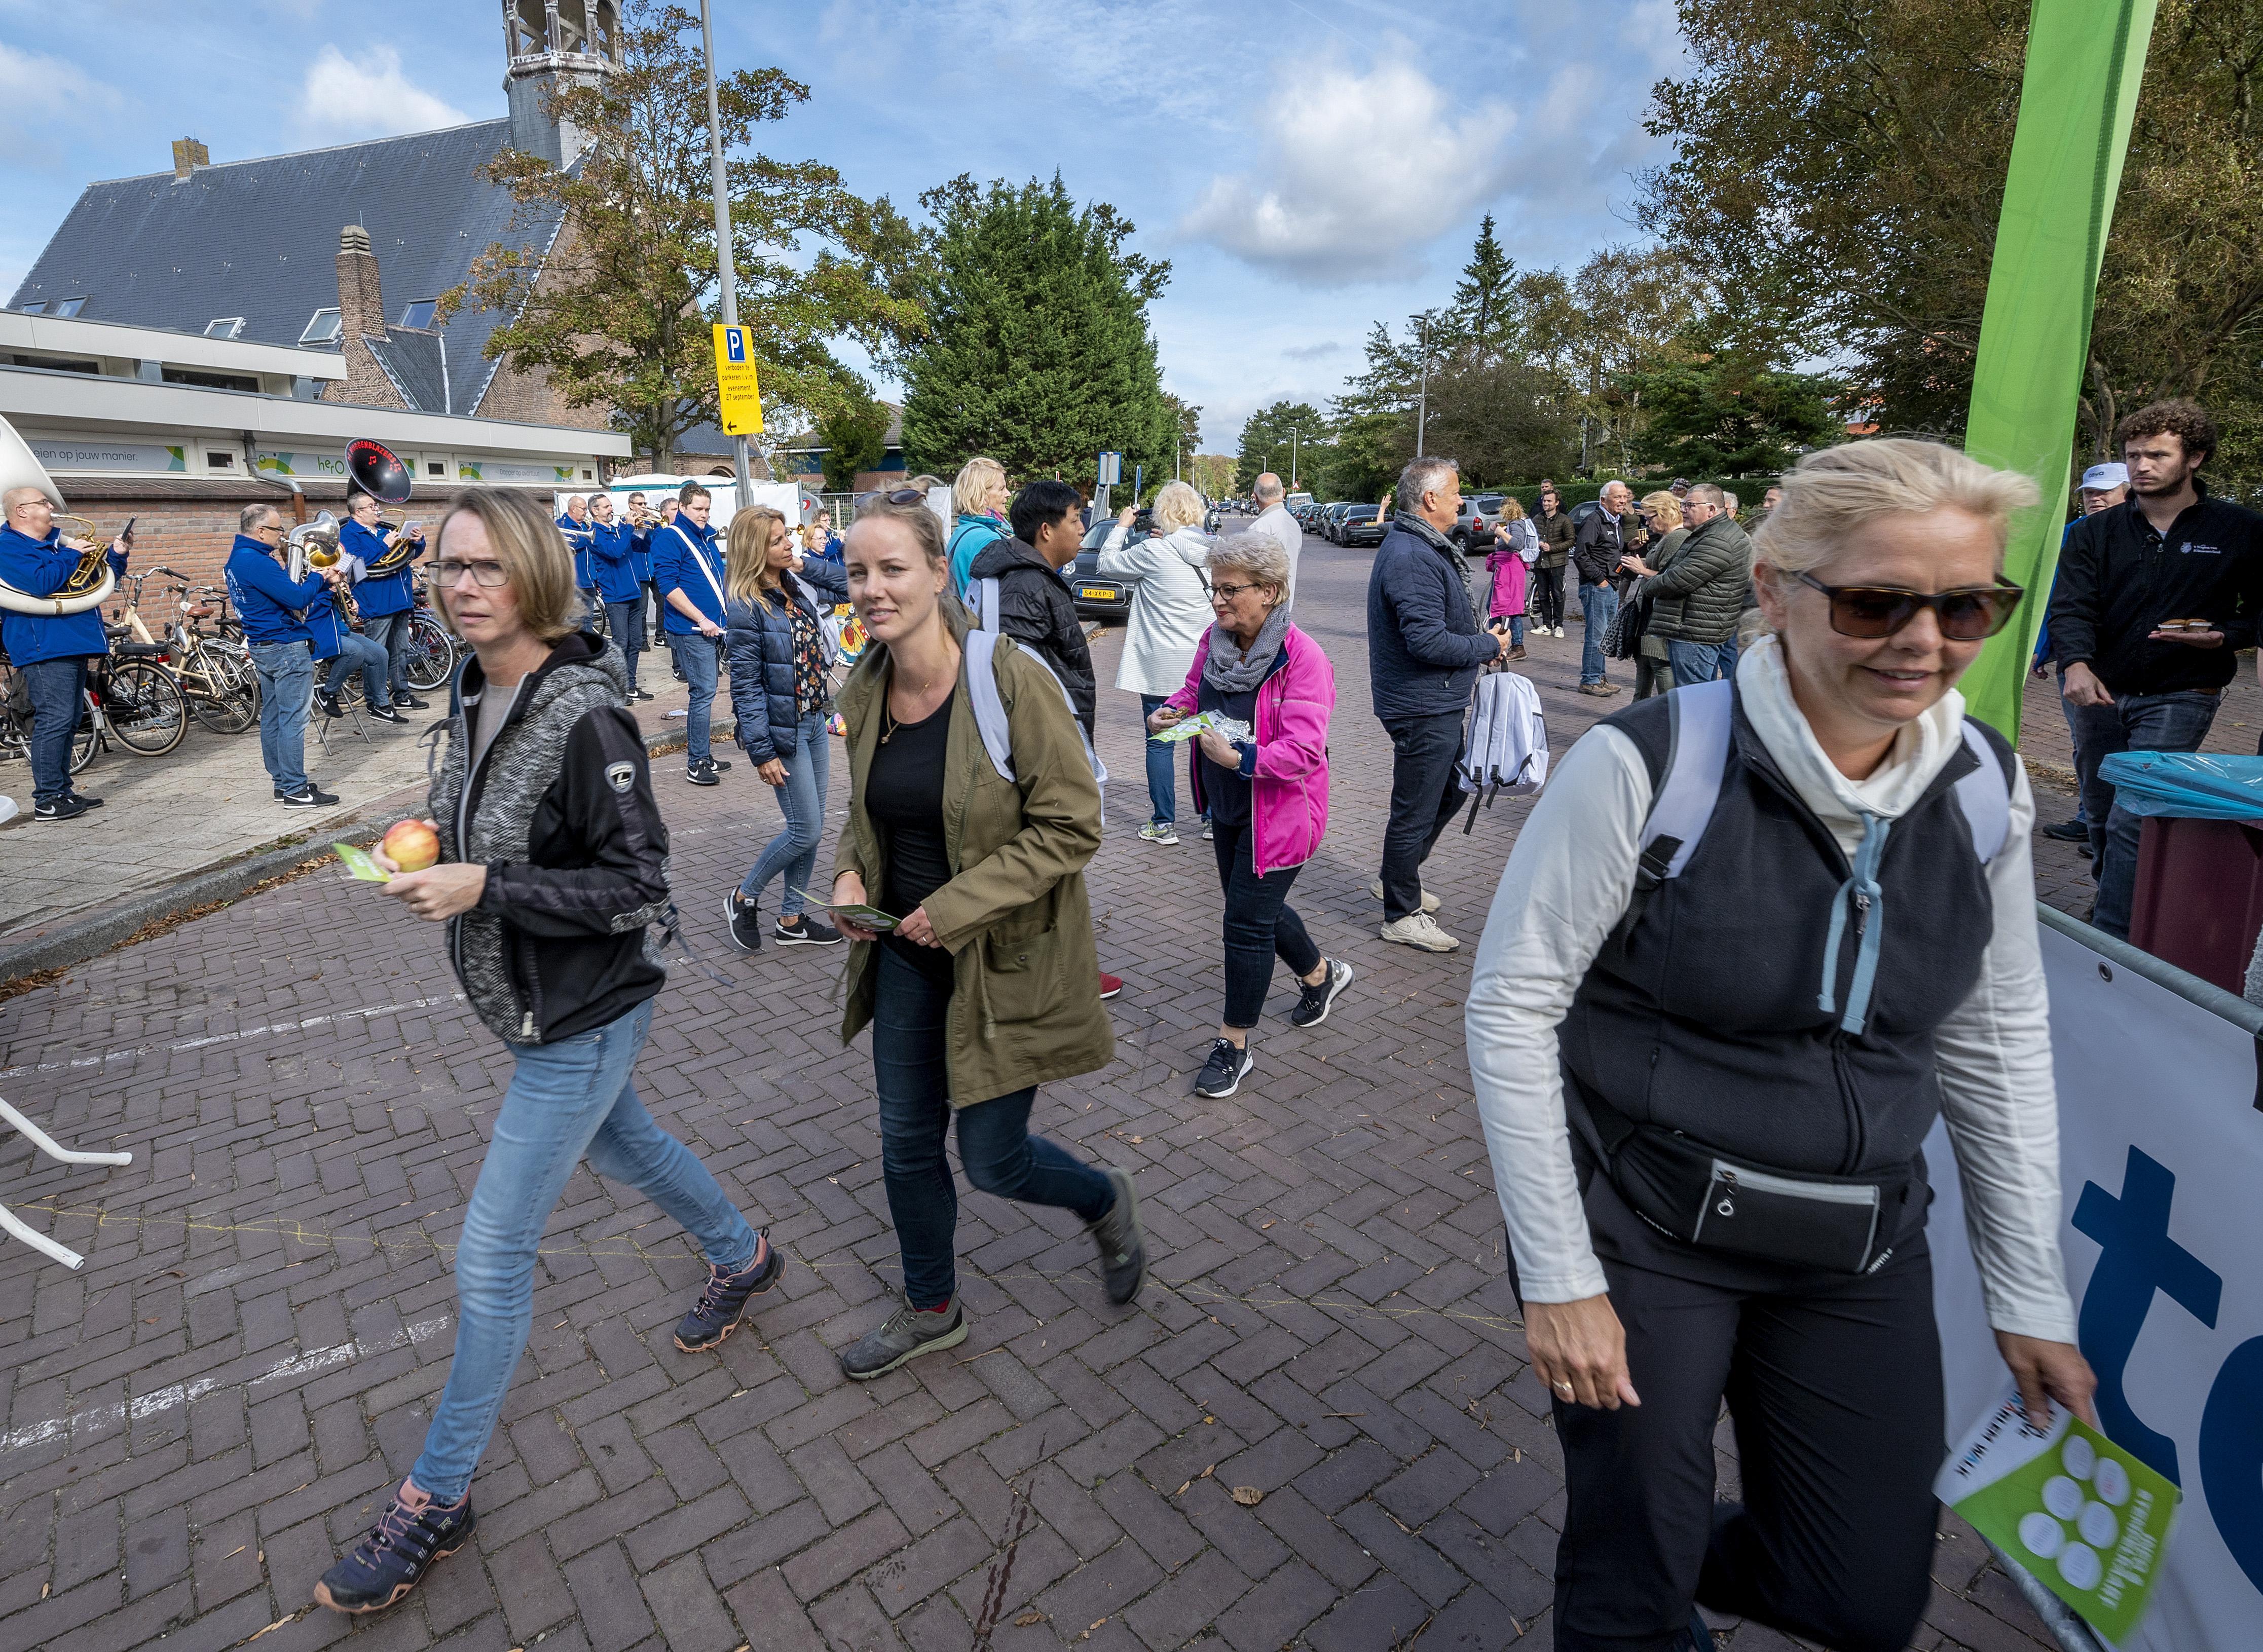 Haarlemse 'Halve Walk' wandelen met vrolijke noten van de Muggenblazers [video]